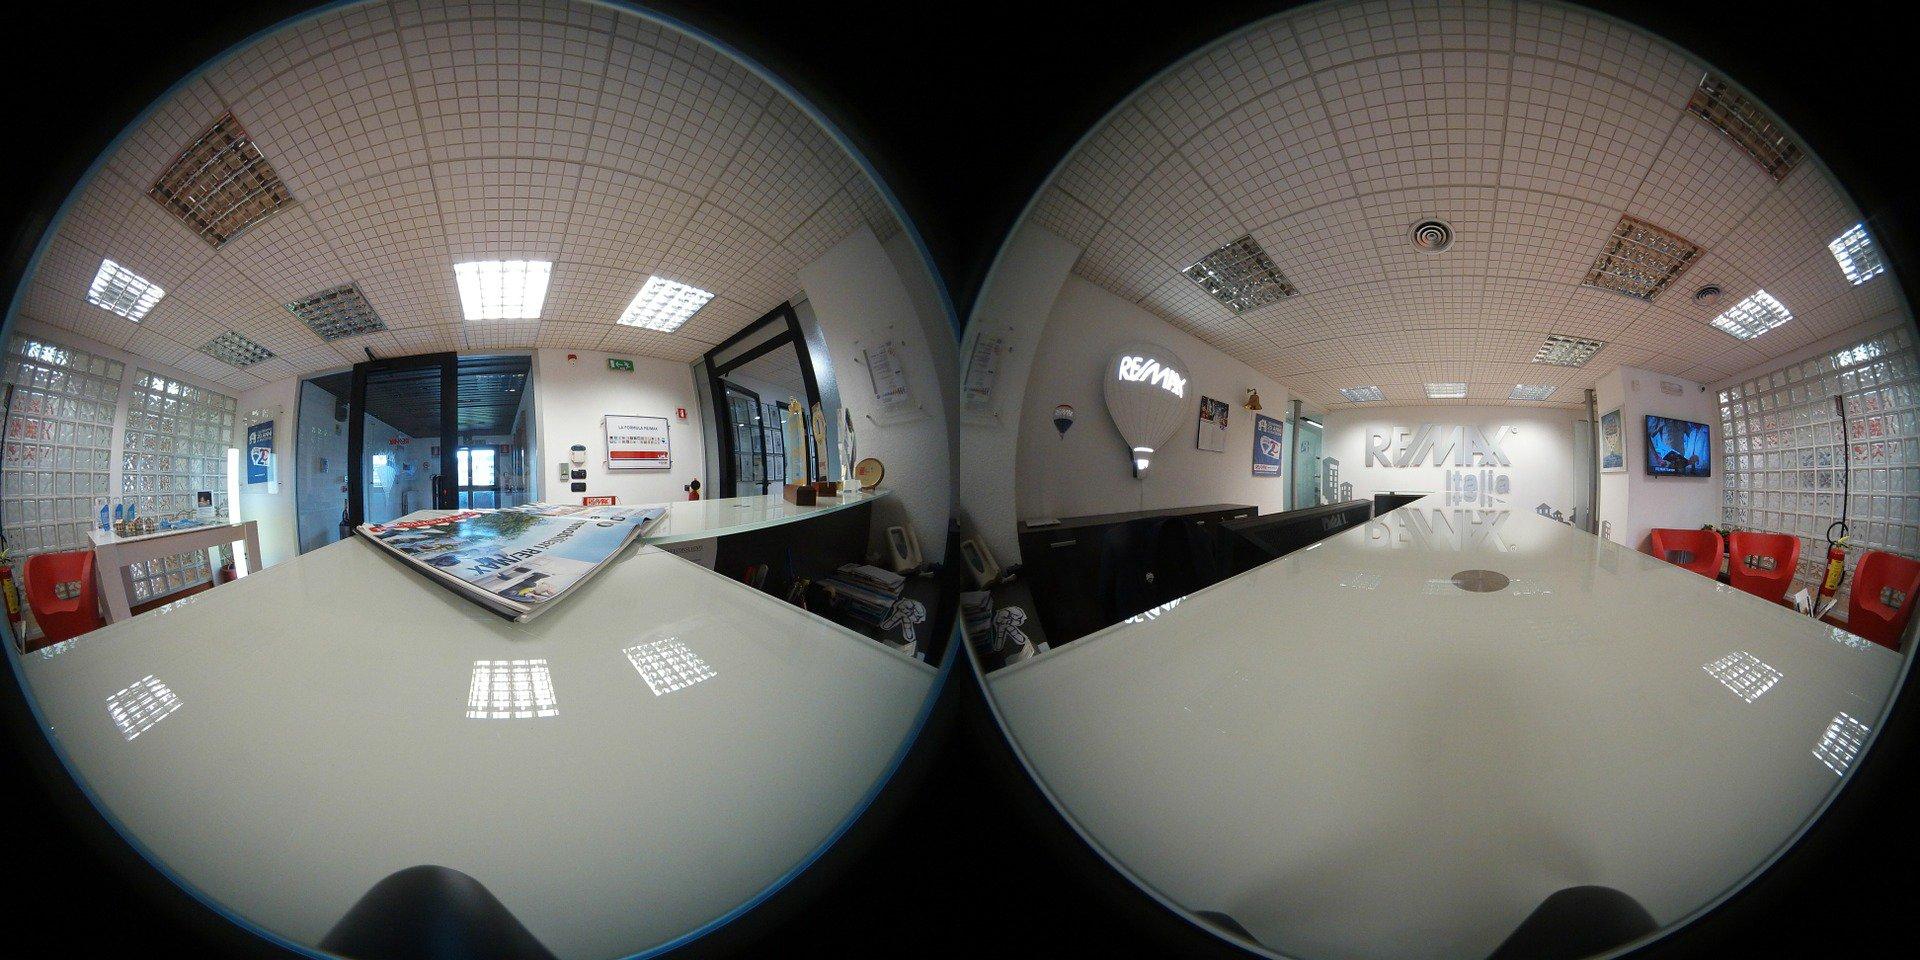 Comment créer facilement une visite virtuelle avec virtualtoureasy ?